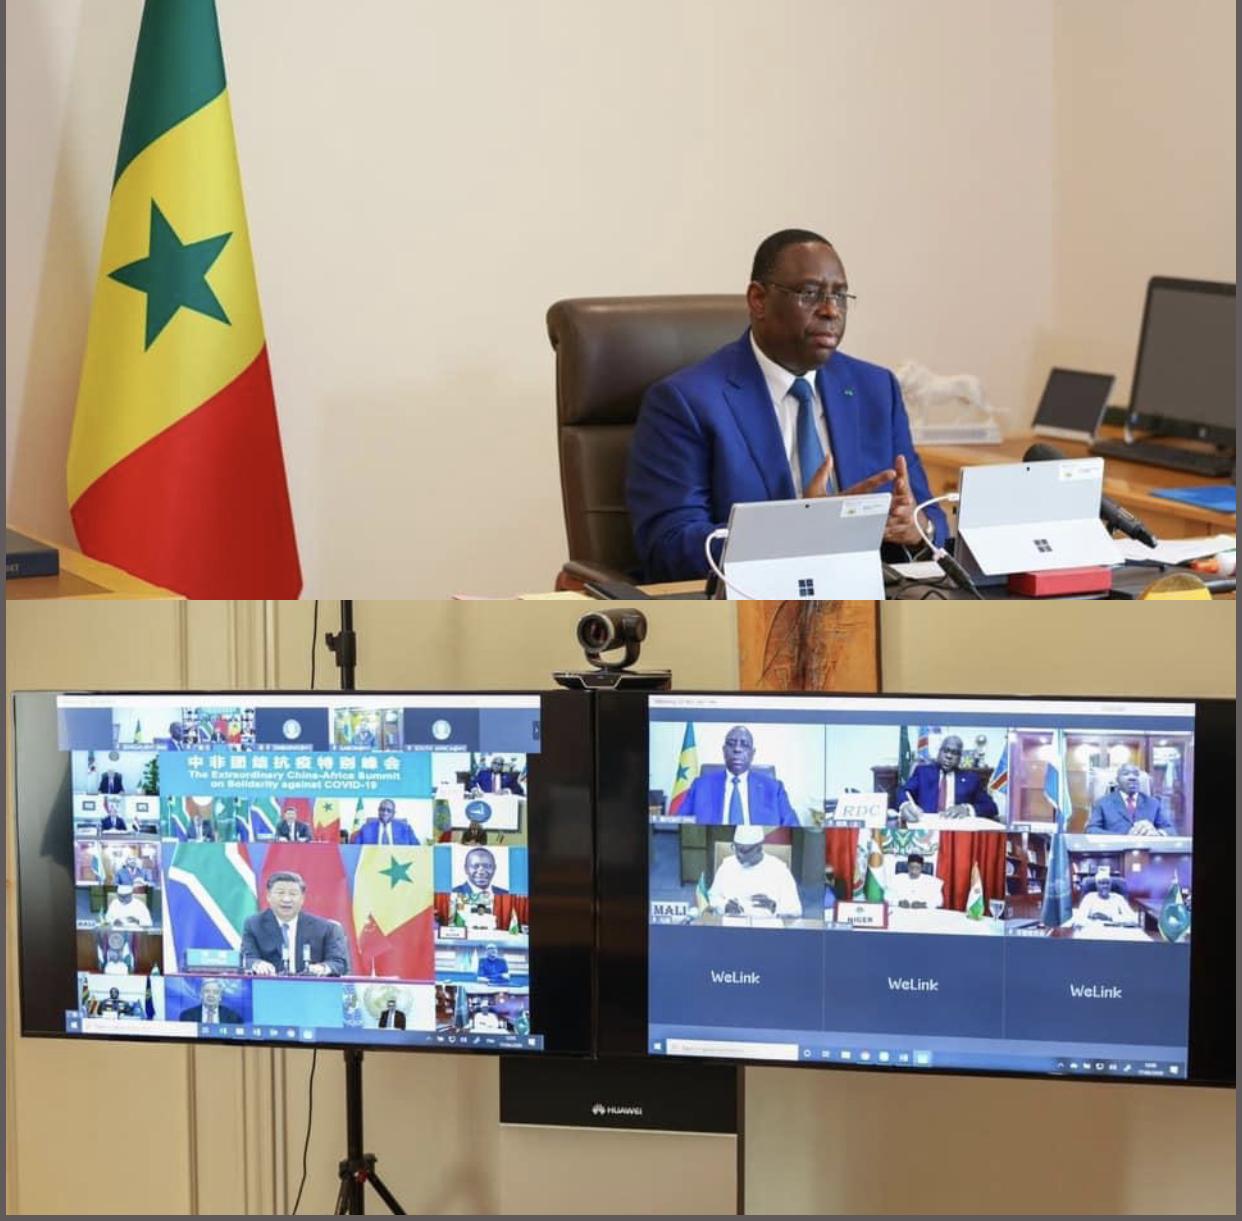 Chine-Afrique : L'essentiel du discours du président Macky Sall sur la solidarité contre la Covid-19.